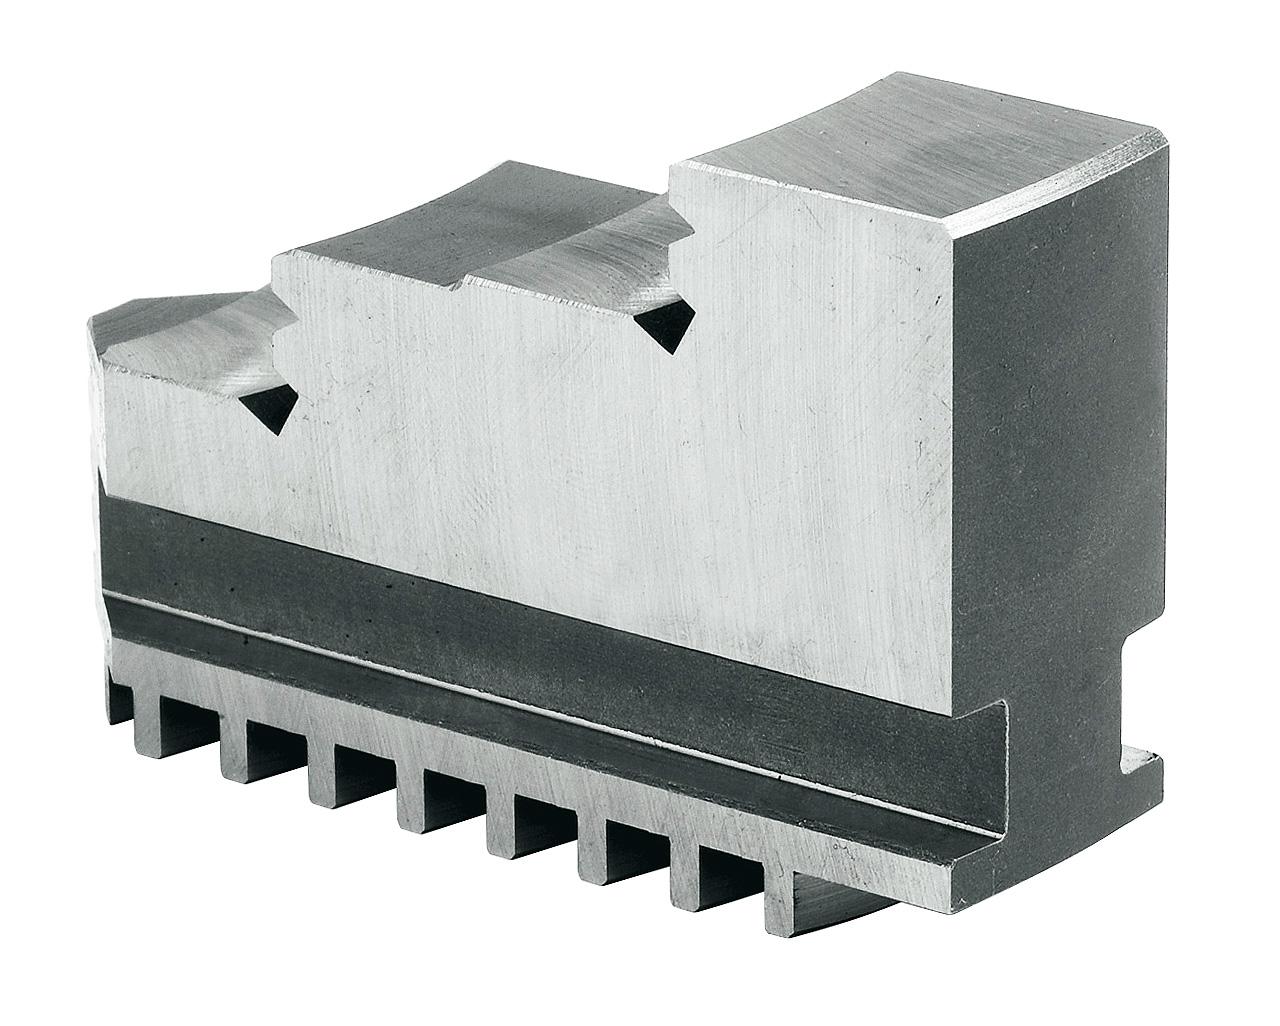 Szczęki jednolite twarde wewnętrzne - komplet IJ-PS4-400 BERNARDO